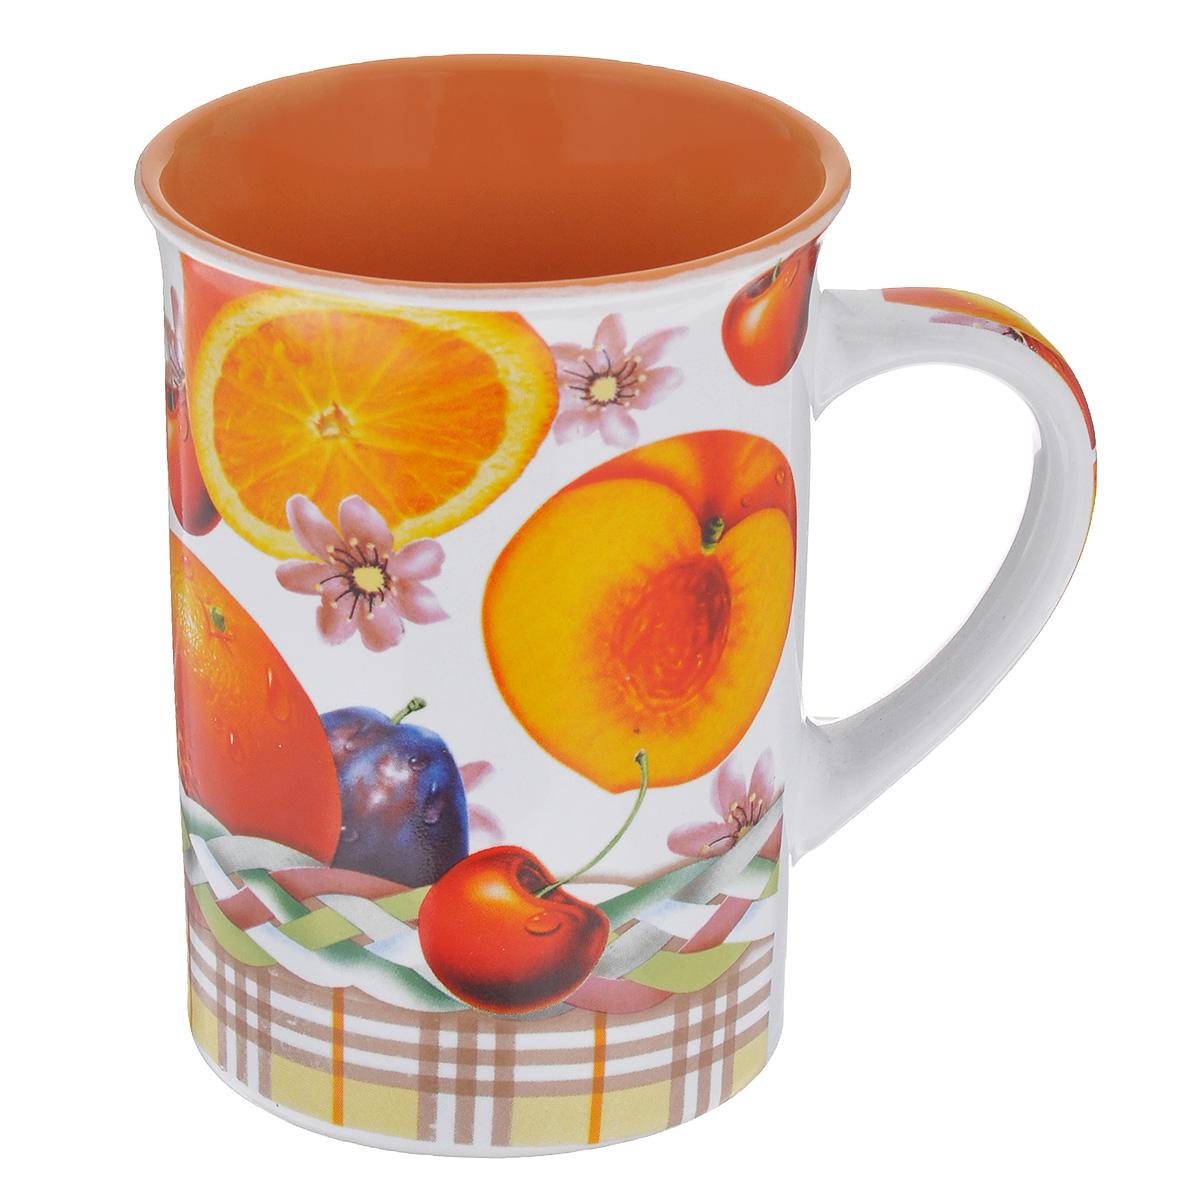 Кружка Фрукты, 340 мл54 009312Кружка Фрукты выполнена из высококачественной керамики. Снаружи она декорирована ярким изображением сочных фруктов.Кружка сочетает в себе оригинальный дизайн и функциональность. Благодаря такой кружке пить напитки будет еще вкуснее. Диаметр кружки по верхнему краю: 8,5 см.Высота стенок: 11 см.Объем: 340 мл.